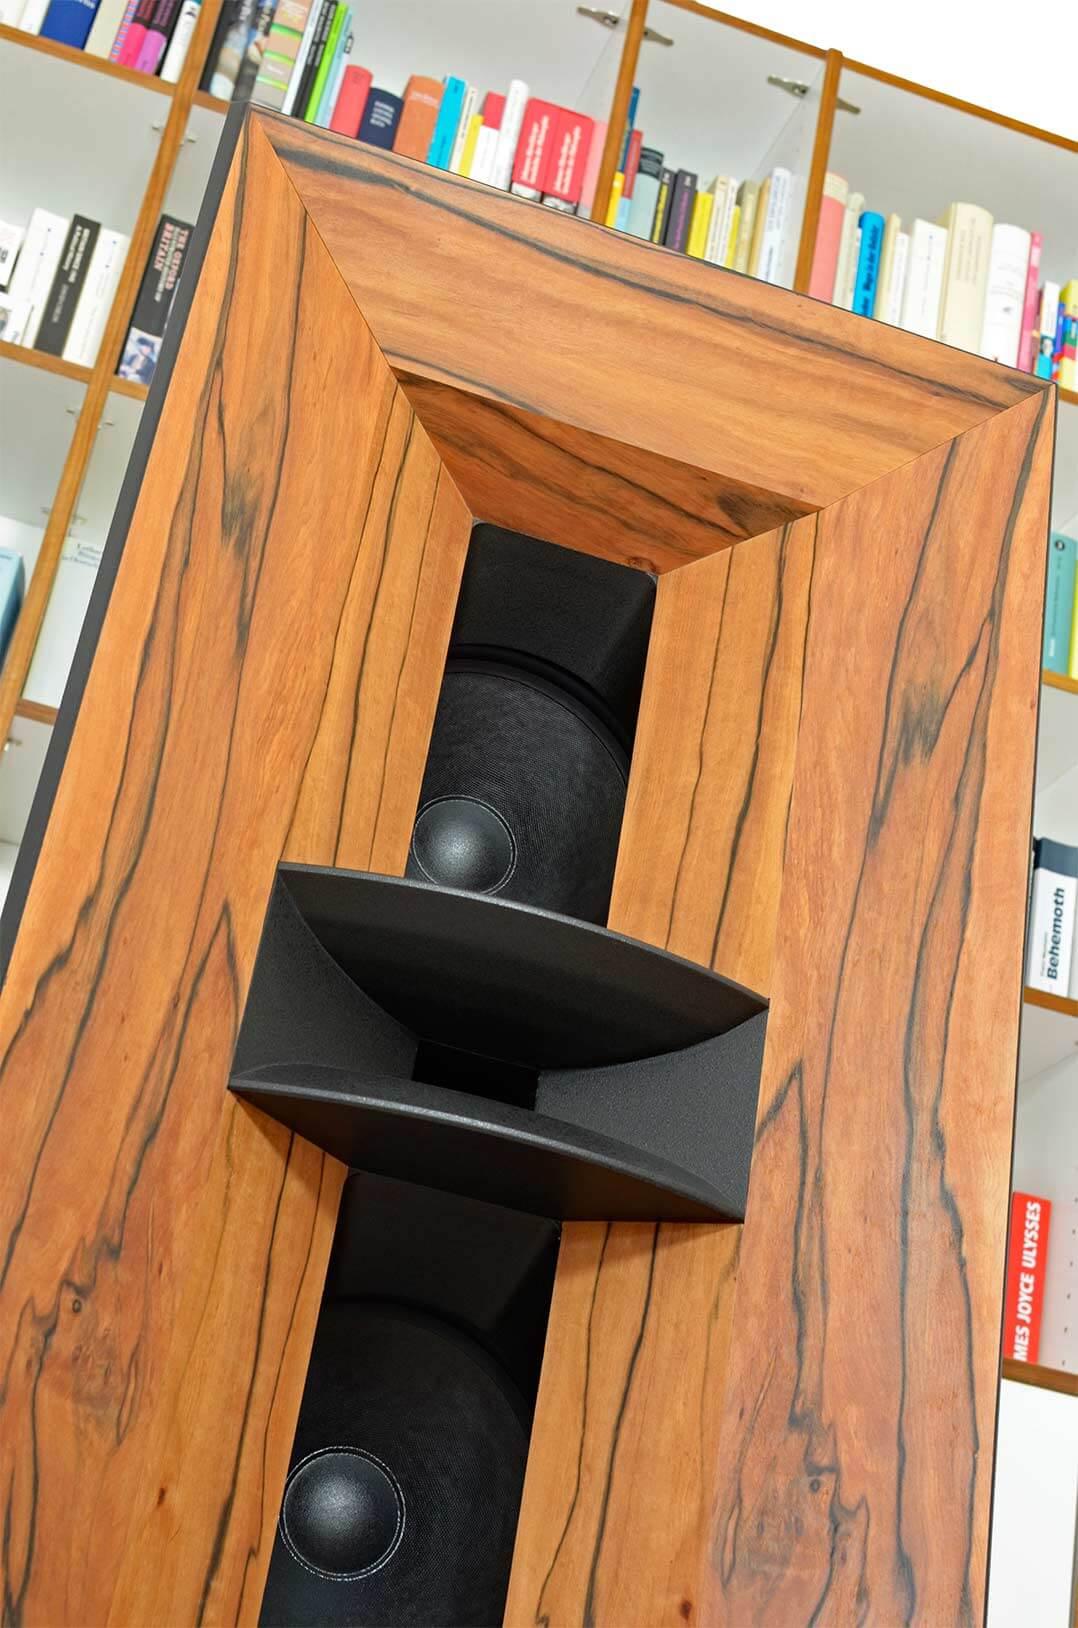 Die Blumenhofer Gran Gioia 2x10 besitzt zwei Hörner in koaxialer Anordnung